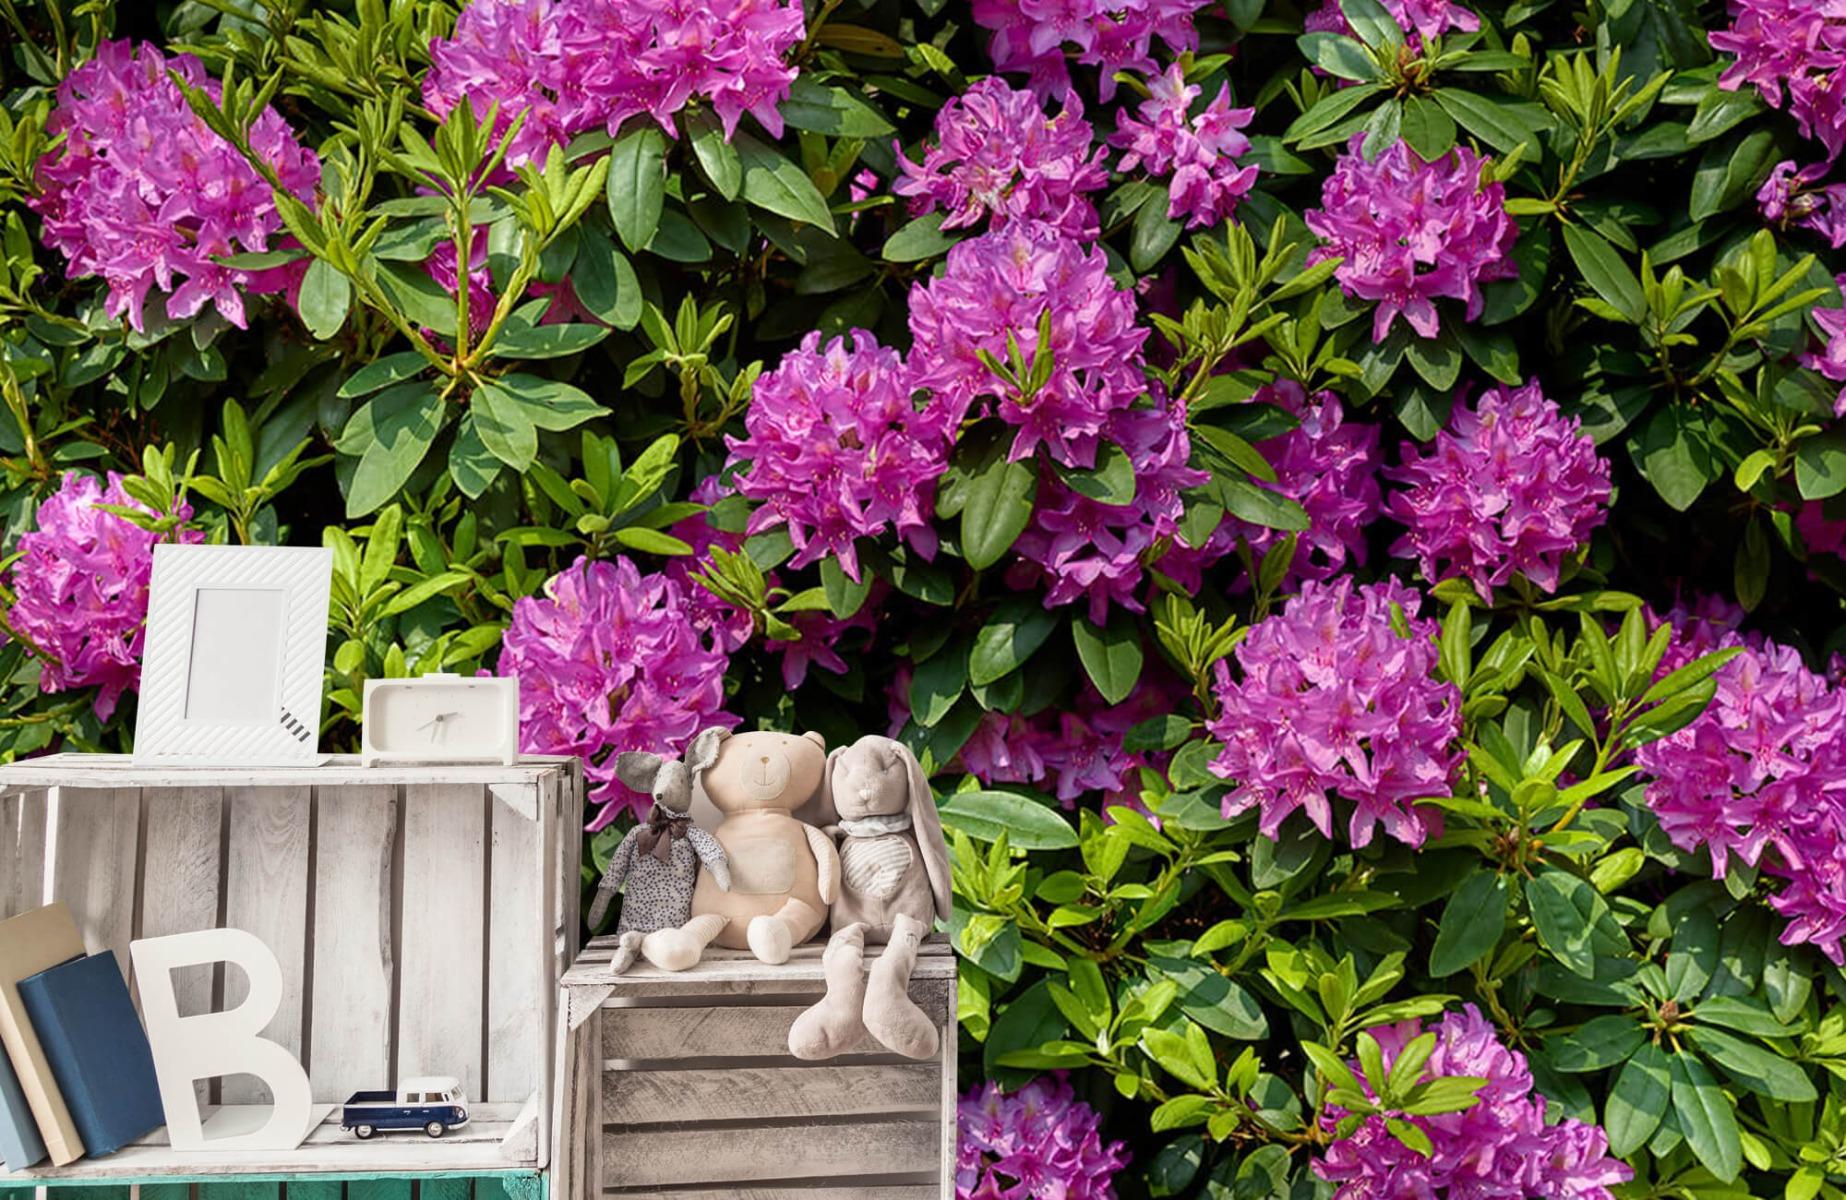 Bloemenvelden - Rododendrons - Wallexclusive - Slaapkamer 20